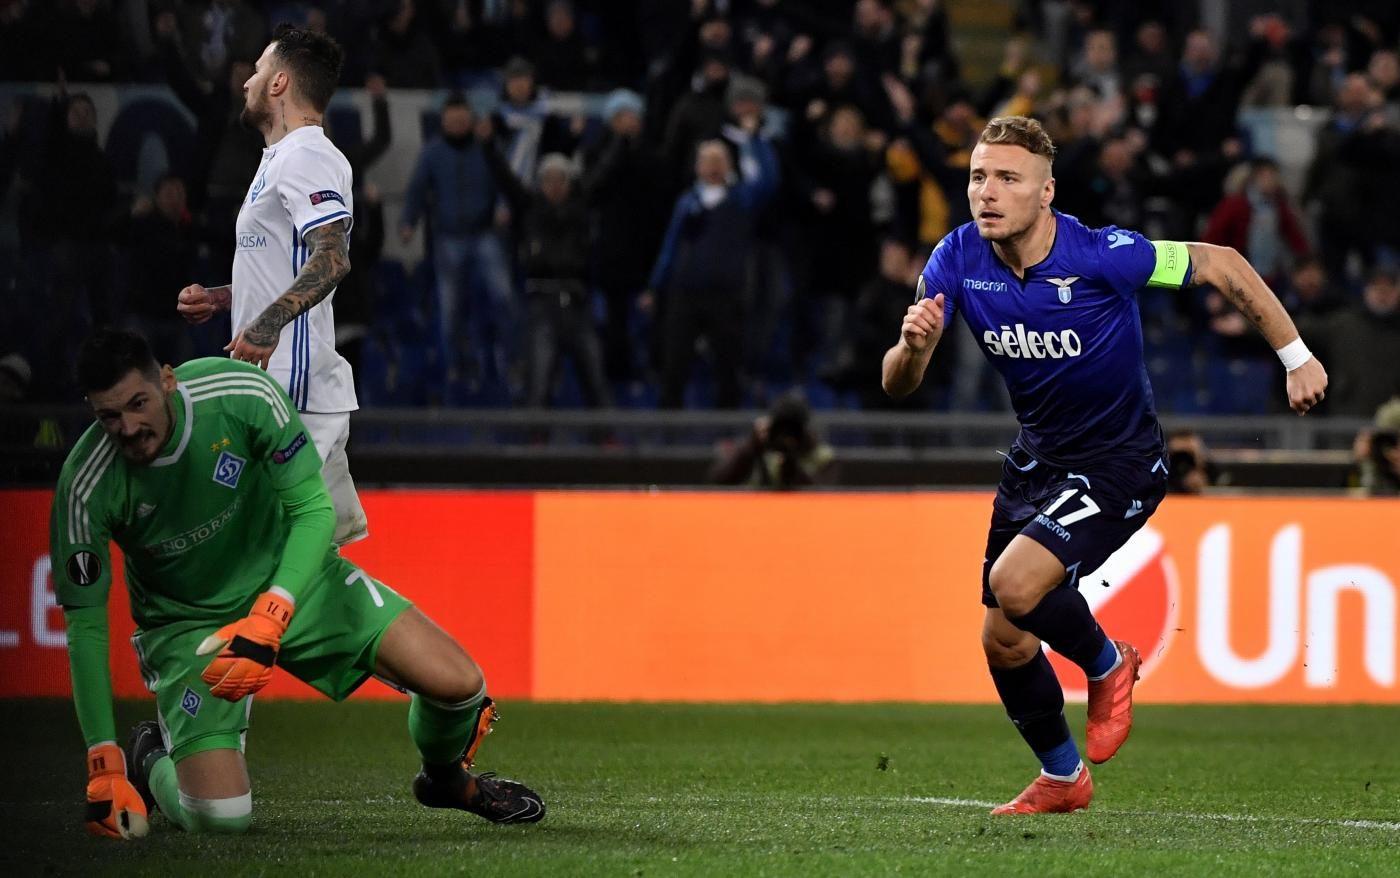 Lazio-Salisburgo non andrà in onda in chiaro. Diretta Gol su Tv8